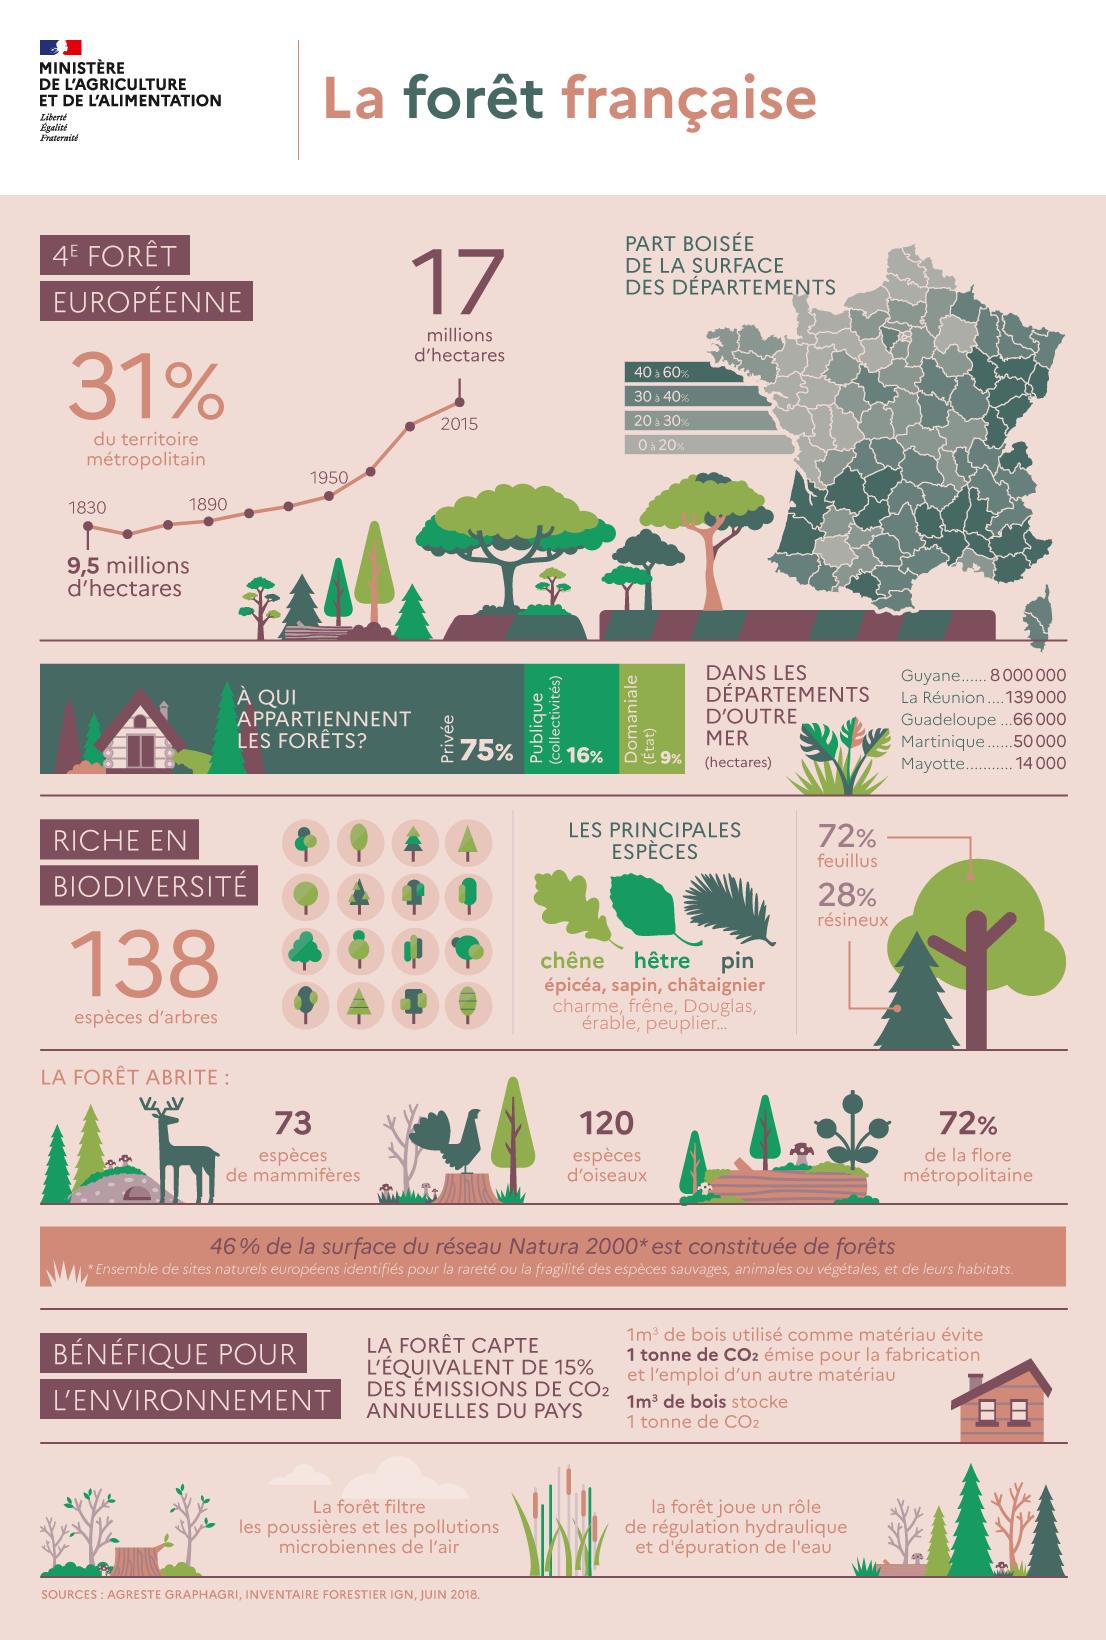 Forêts françaises : les chiffres [Ministère de l'Agriculture et de l'Alimentation]